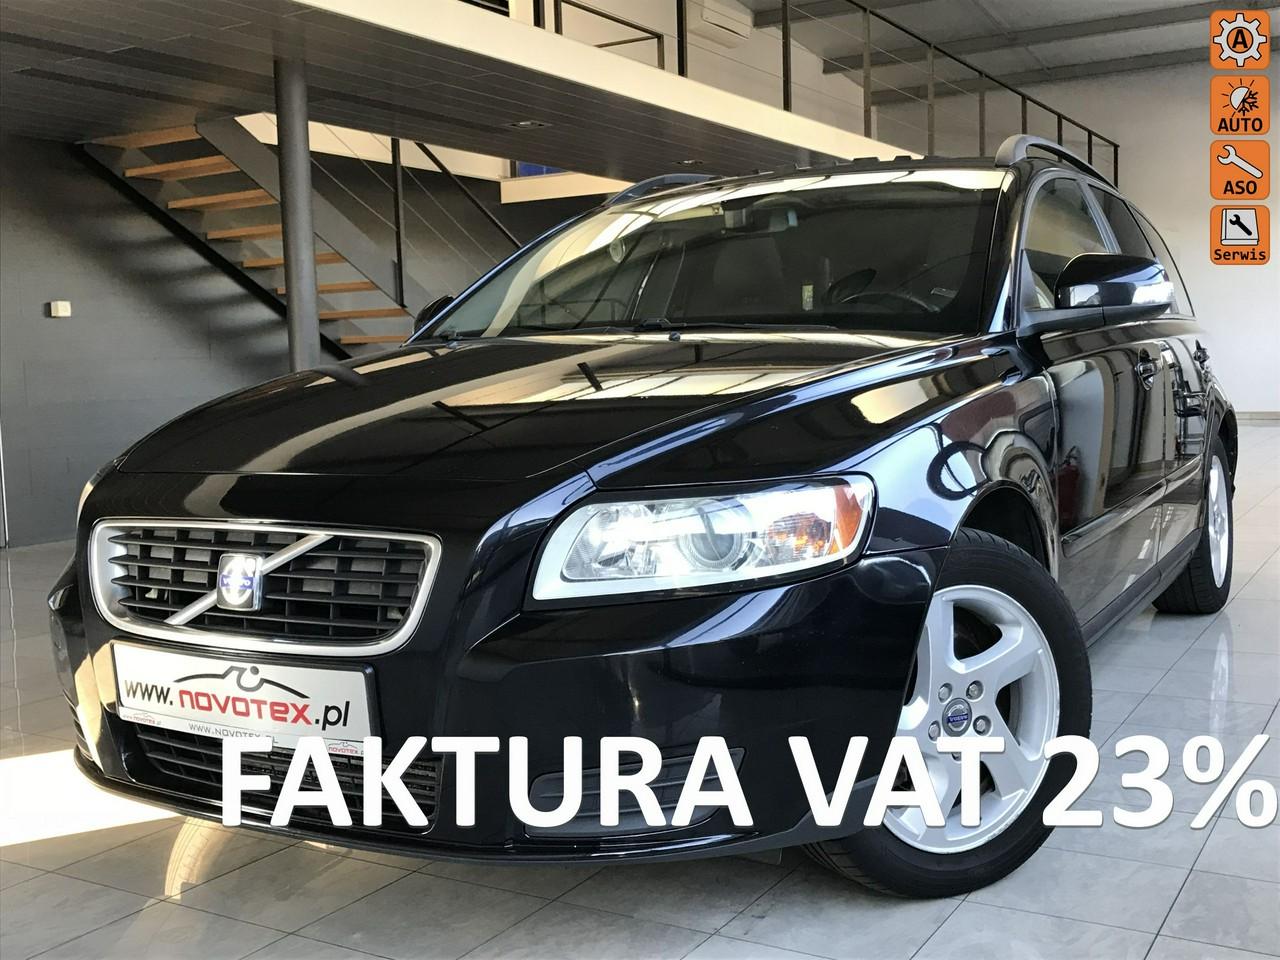 Volvo V50 1.6D*Momentum*szyberdach*Dynaudio*Car-Pass*serwis w ASO*Gwarancja VIP